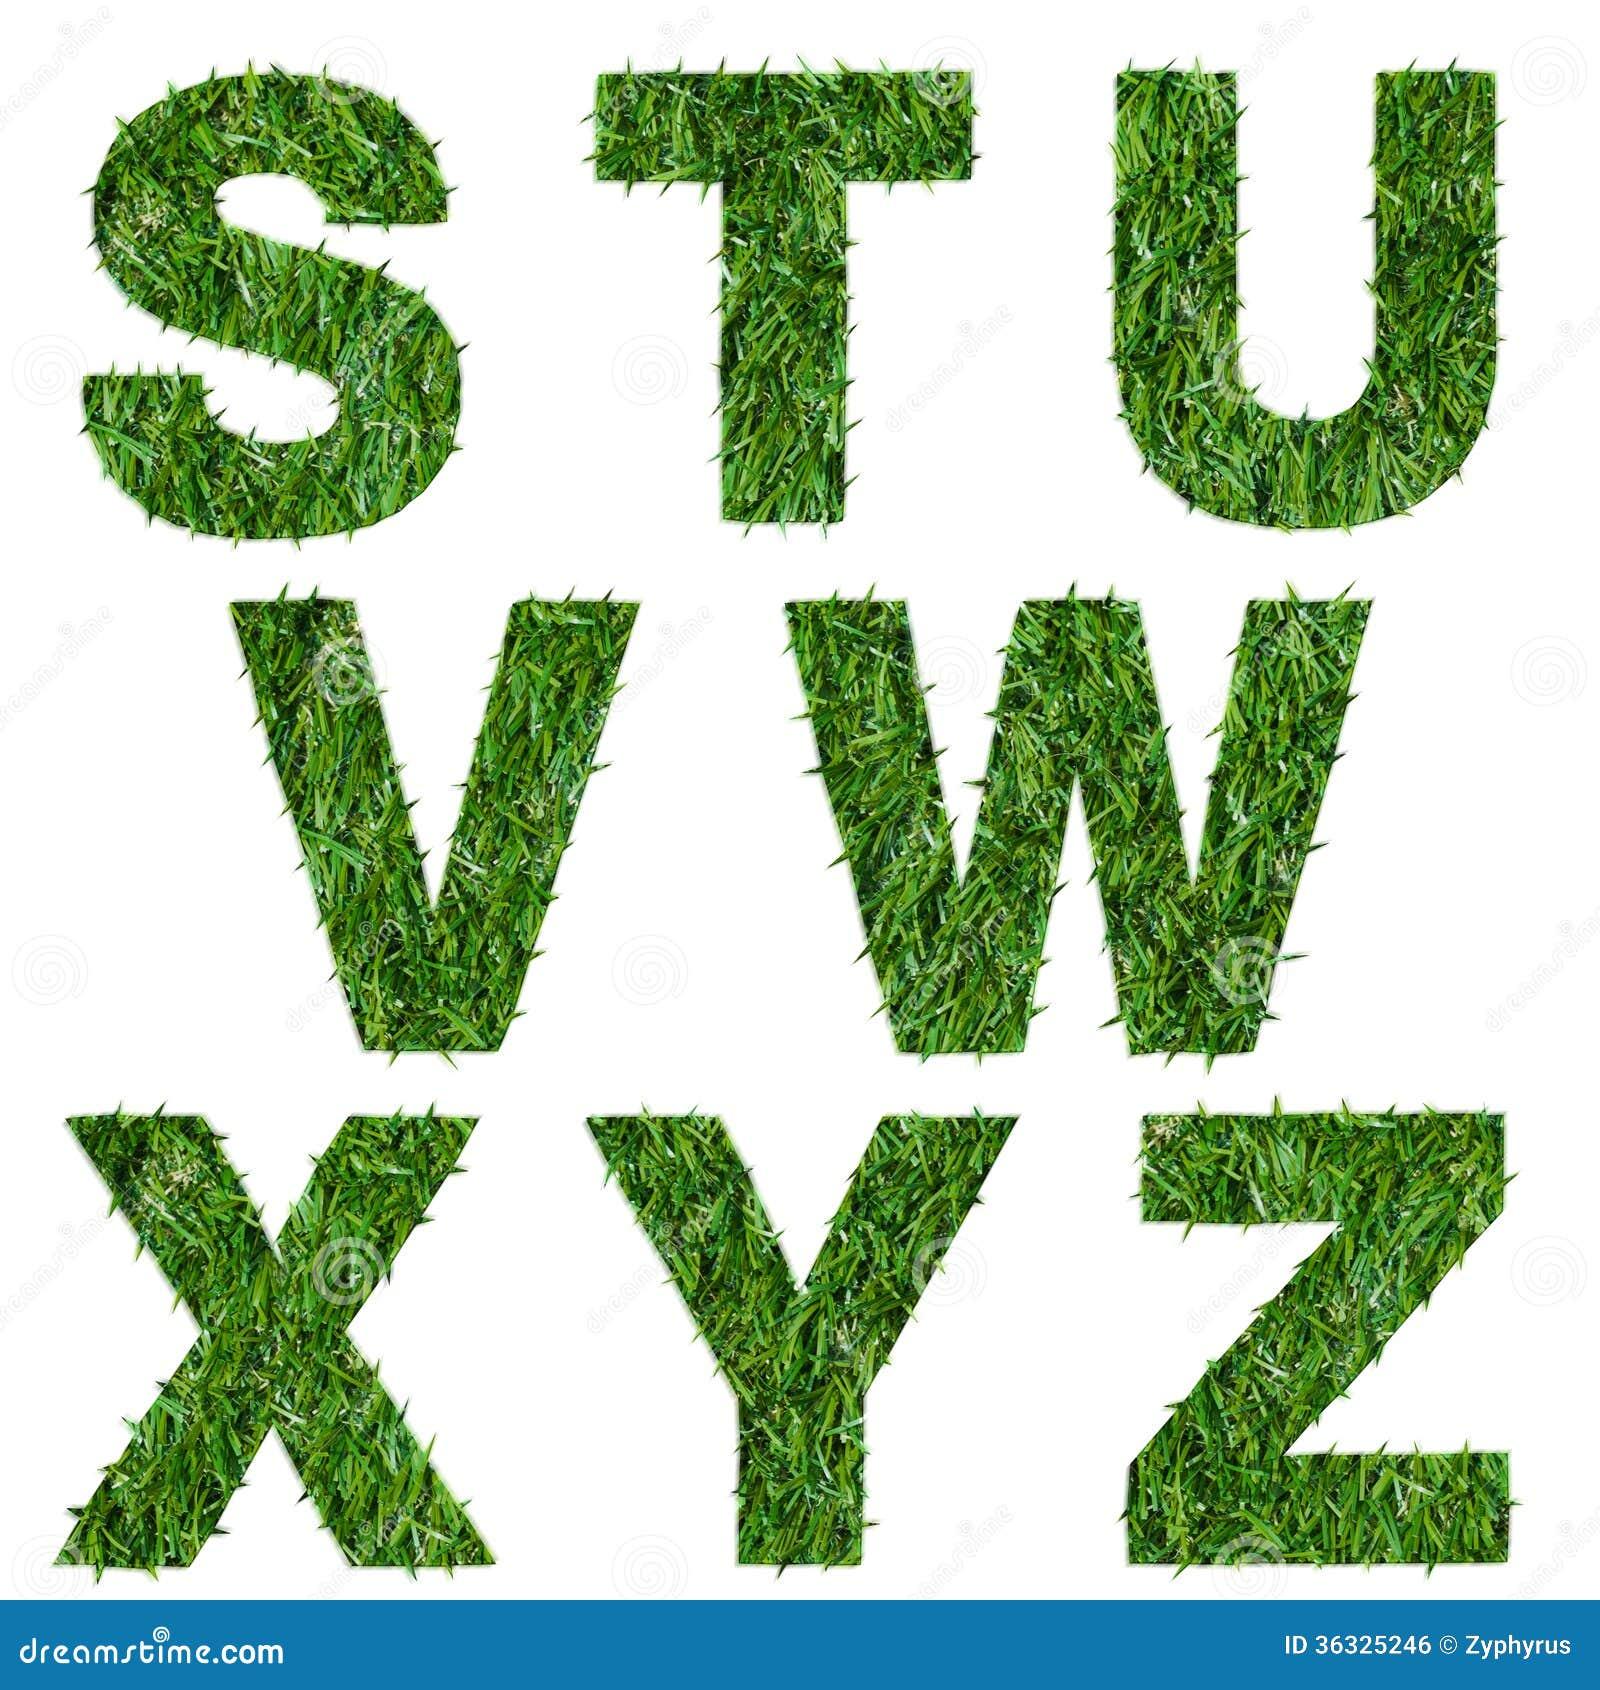 Letras s, t, u, v, w, x, y, z hecho de hierba verde